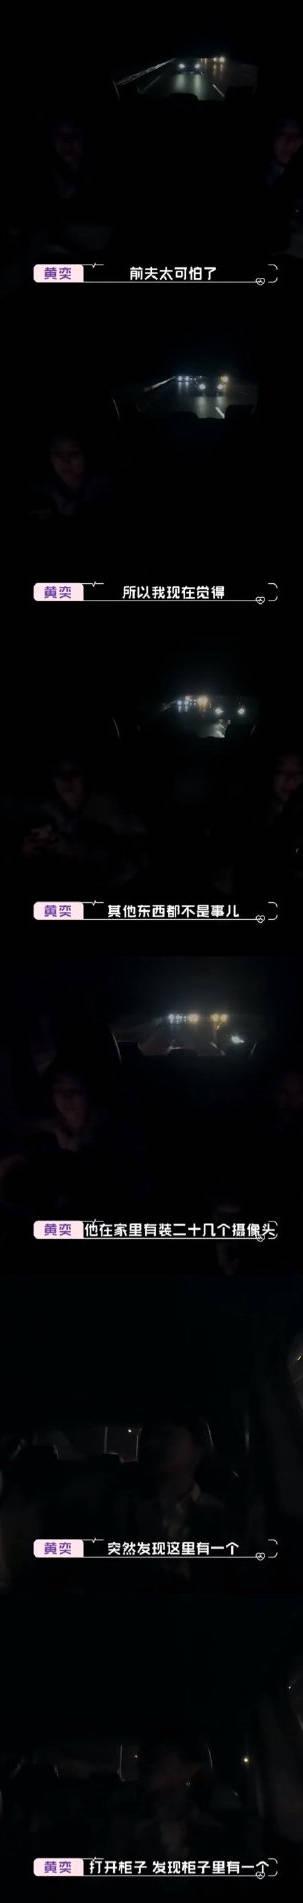 菲娱4招商-首页【1.1.7】